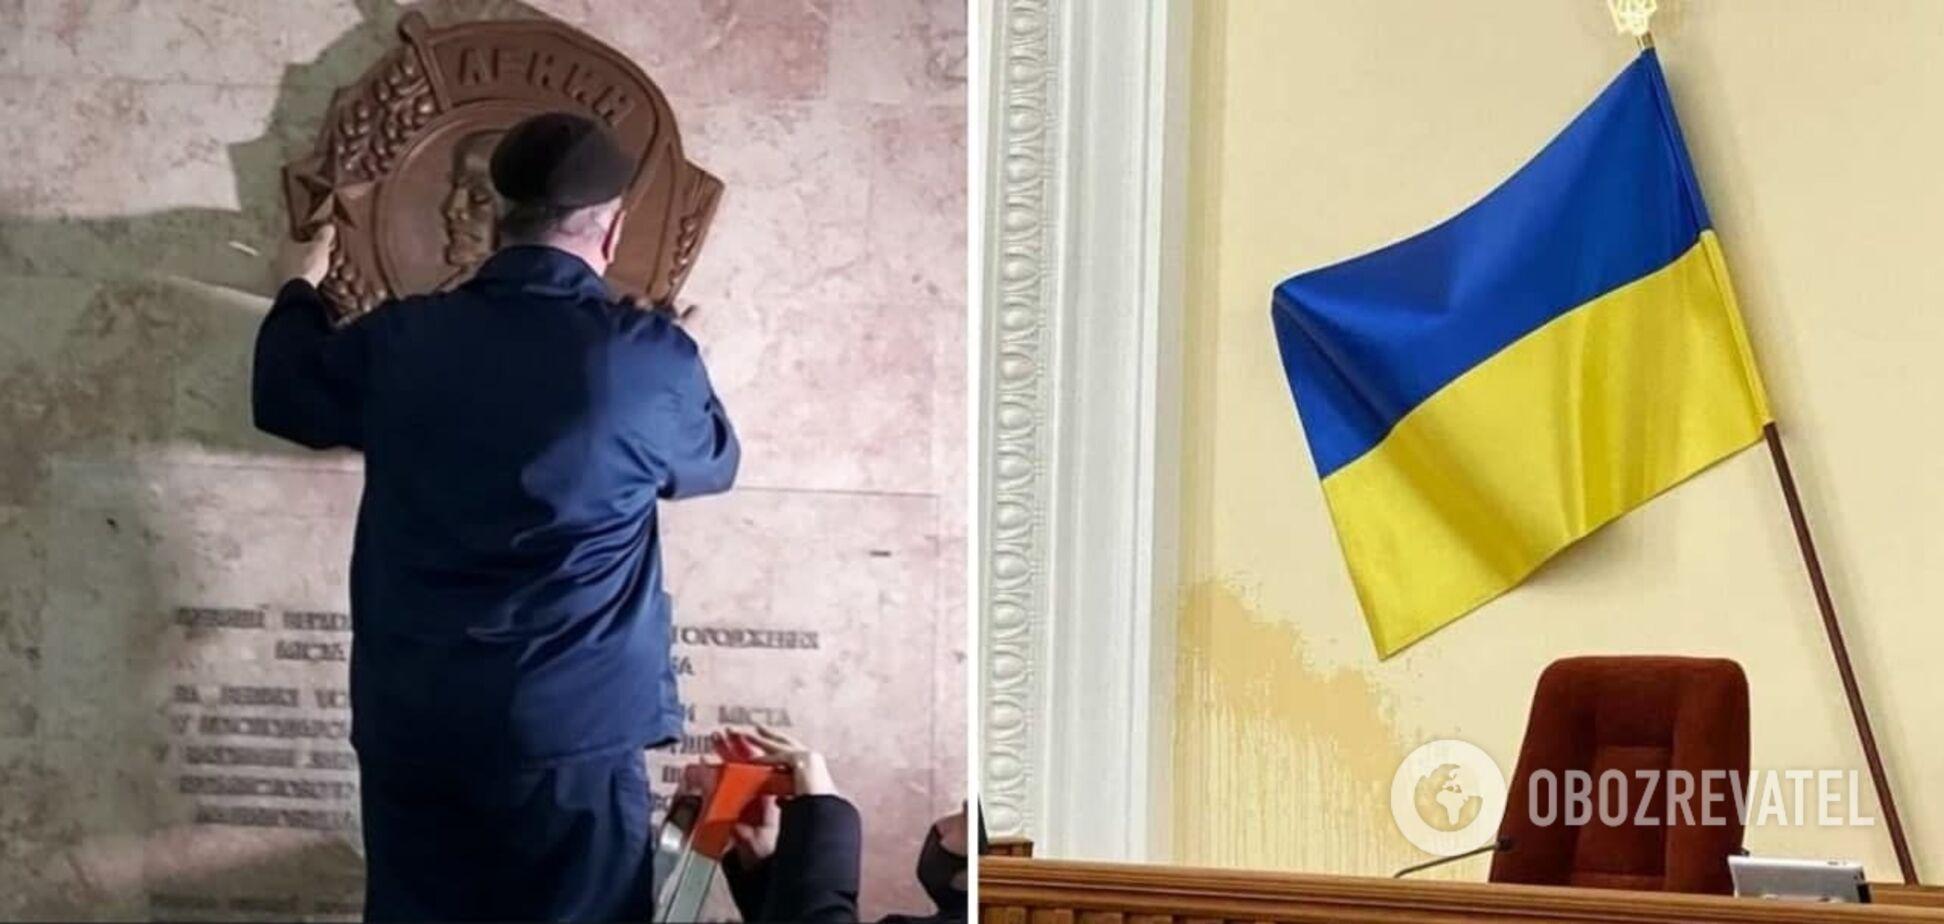 У Харківській міськраді з'явився макет ордена Леніна, поліція почала перевірку